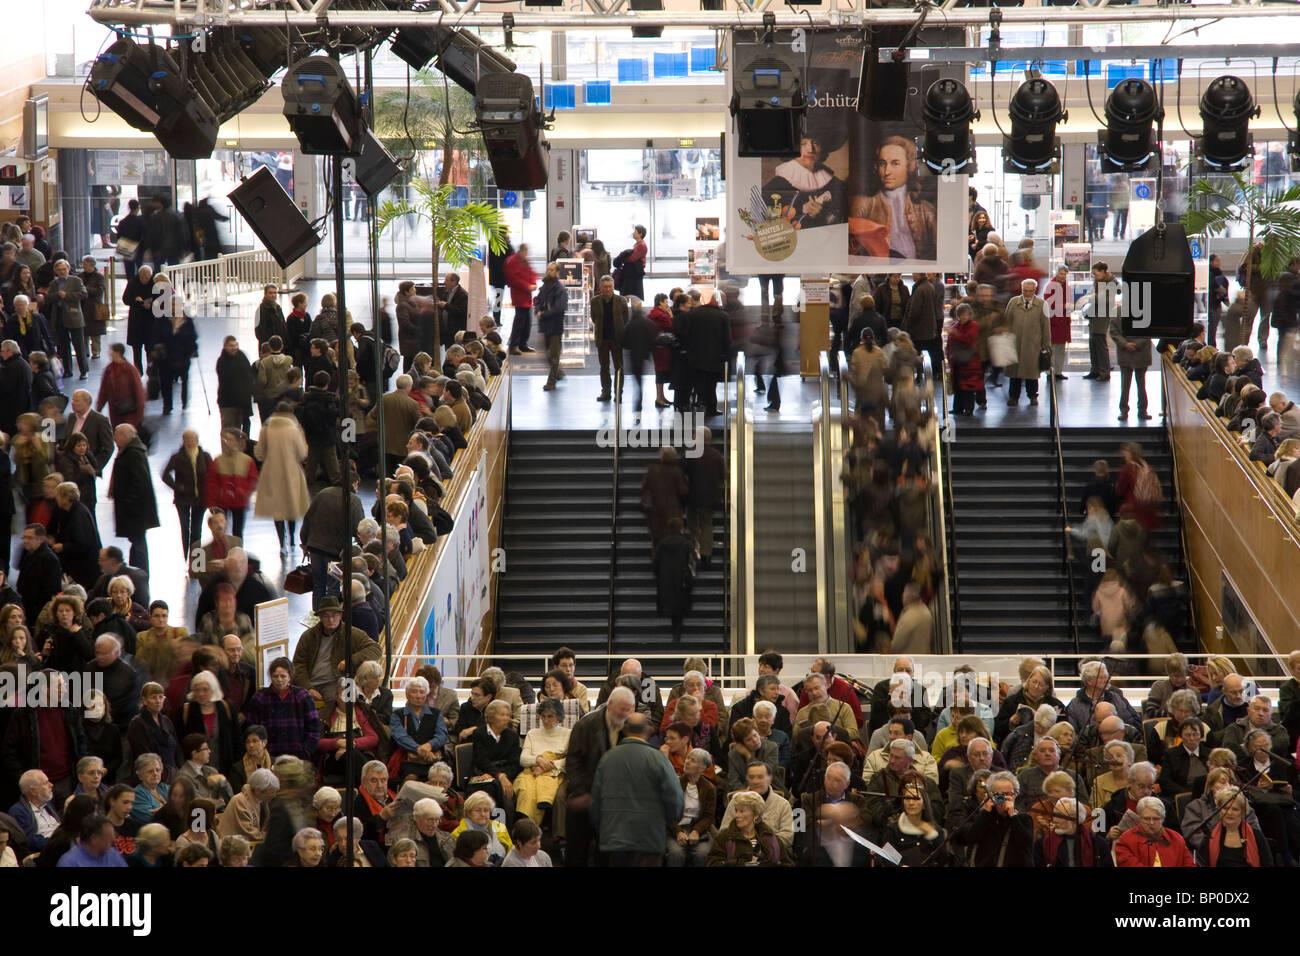 France, Pays de la Loire, Loire Atlantique, Nantes, cité des Congrès, crowd in hall Stock Photo